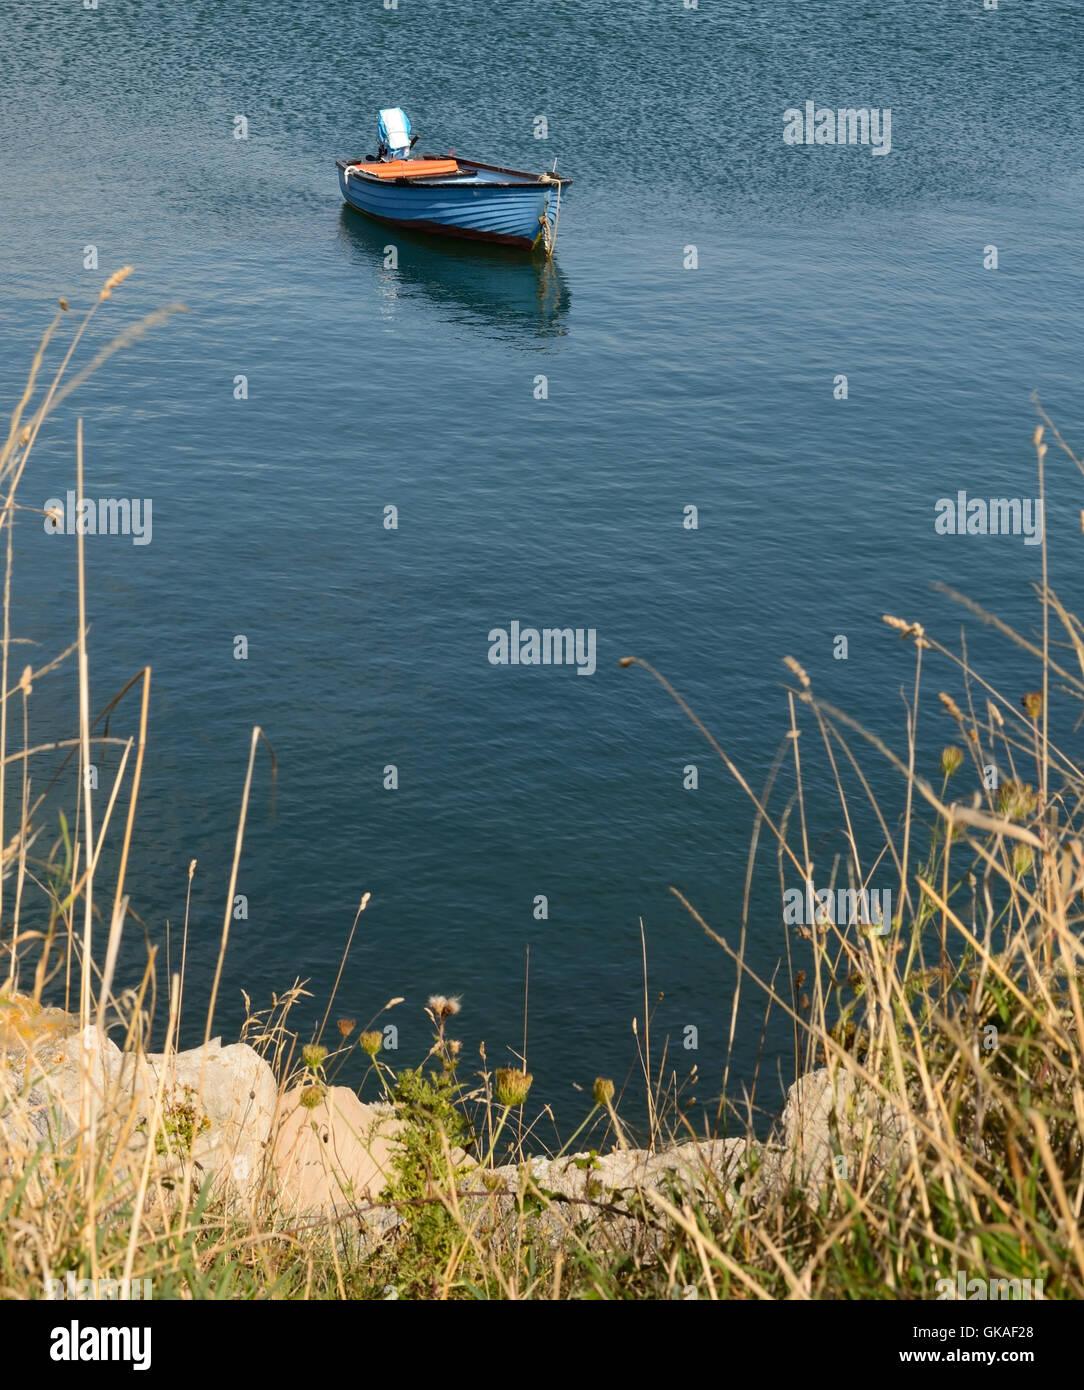 Un petit bateau amarré au large. Photo Stock